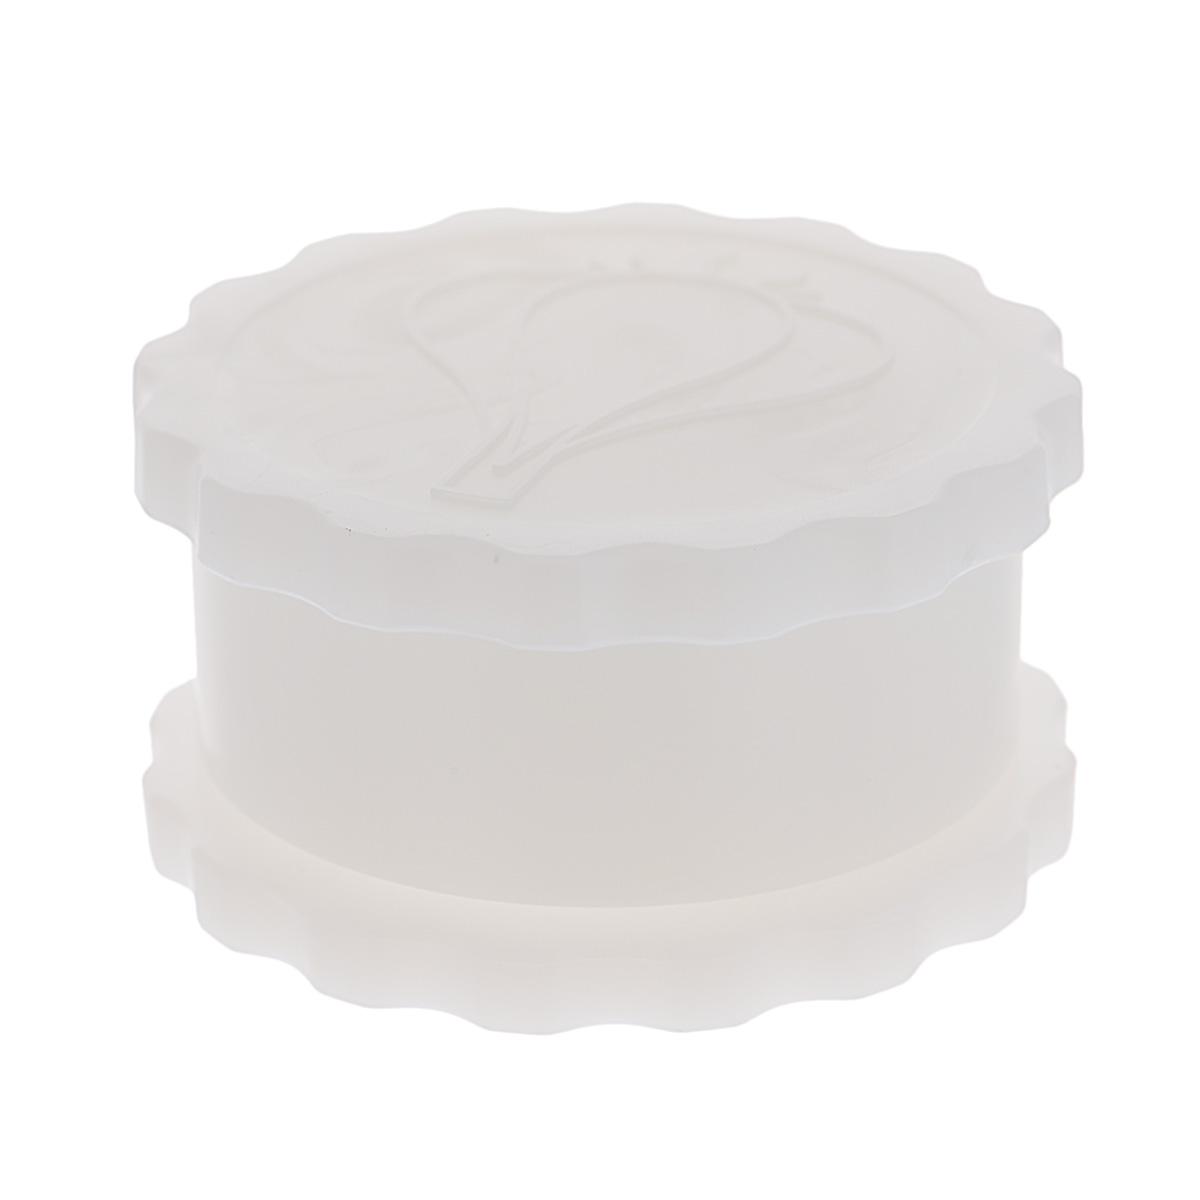 Измельчитель чеснока Альтернатива, цвет: белый, диаметр 8 см115510Измельчитель Альтернатива, выполненный из высокопрочного пластика, предназначен для быстрого измельчения зубчиков чеснока. Прибор также можно использовать для отделения головок чеснока от шелухи. Измельчитель очень прост в использовании: положите внутрь чеснок и покрутите крышку, придерживая основание. Прибор быстро и без отходов измельчит чеснок. Пригоден для мытья в посудомоечной машине.Диаметр измельчителя: 8 см.Высота измельчителя: 4,5 см.